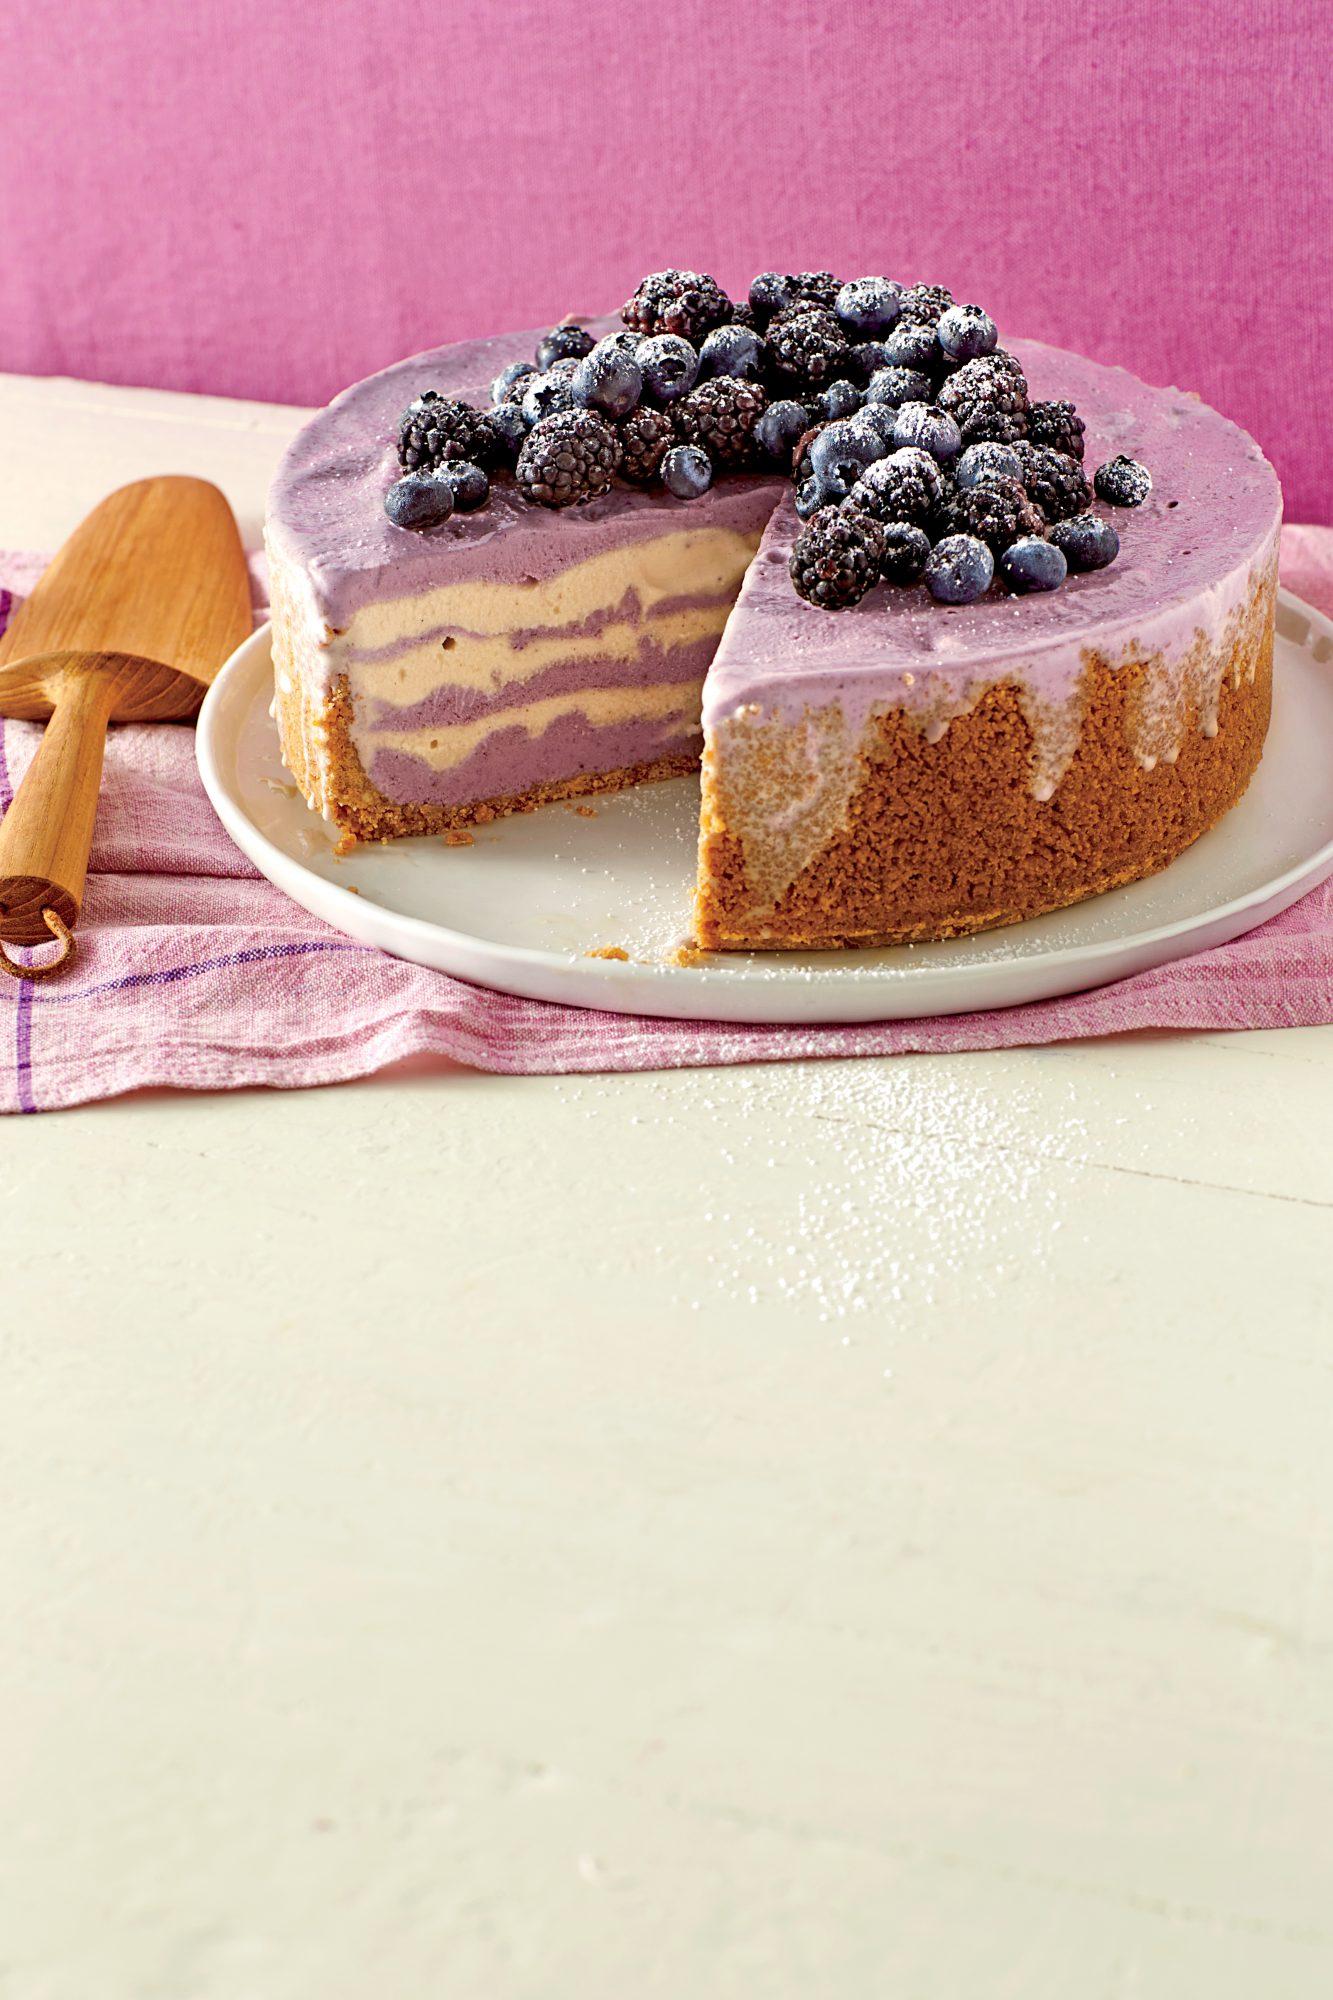 Berry Swirl Gelato Cake